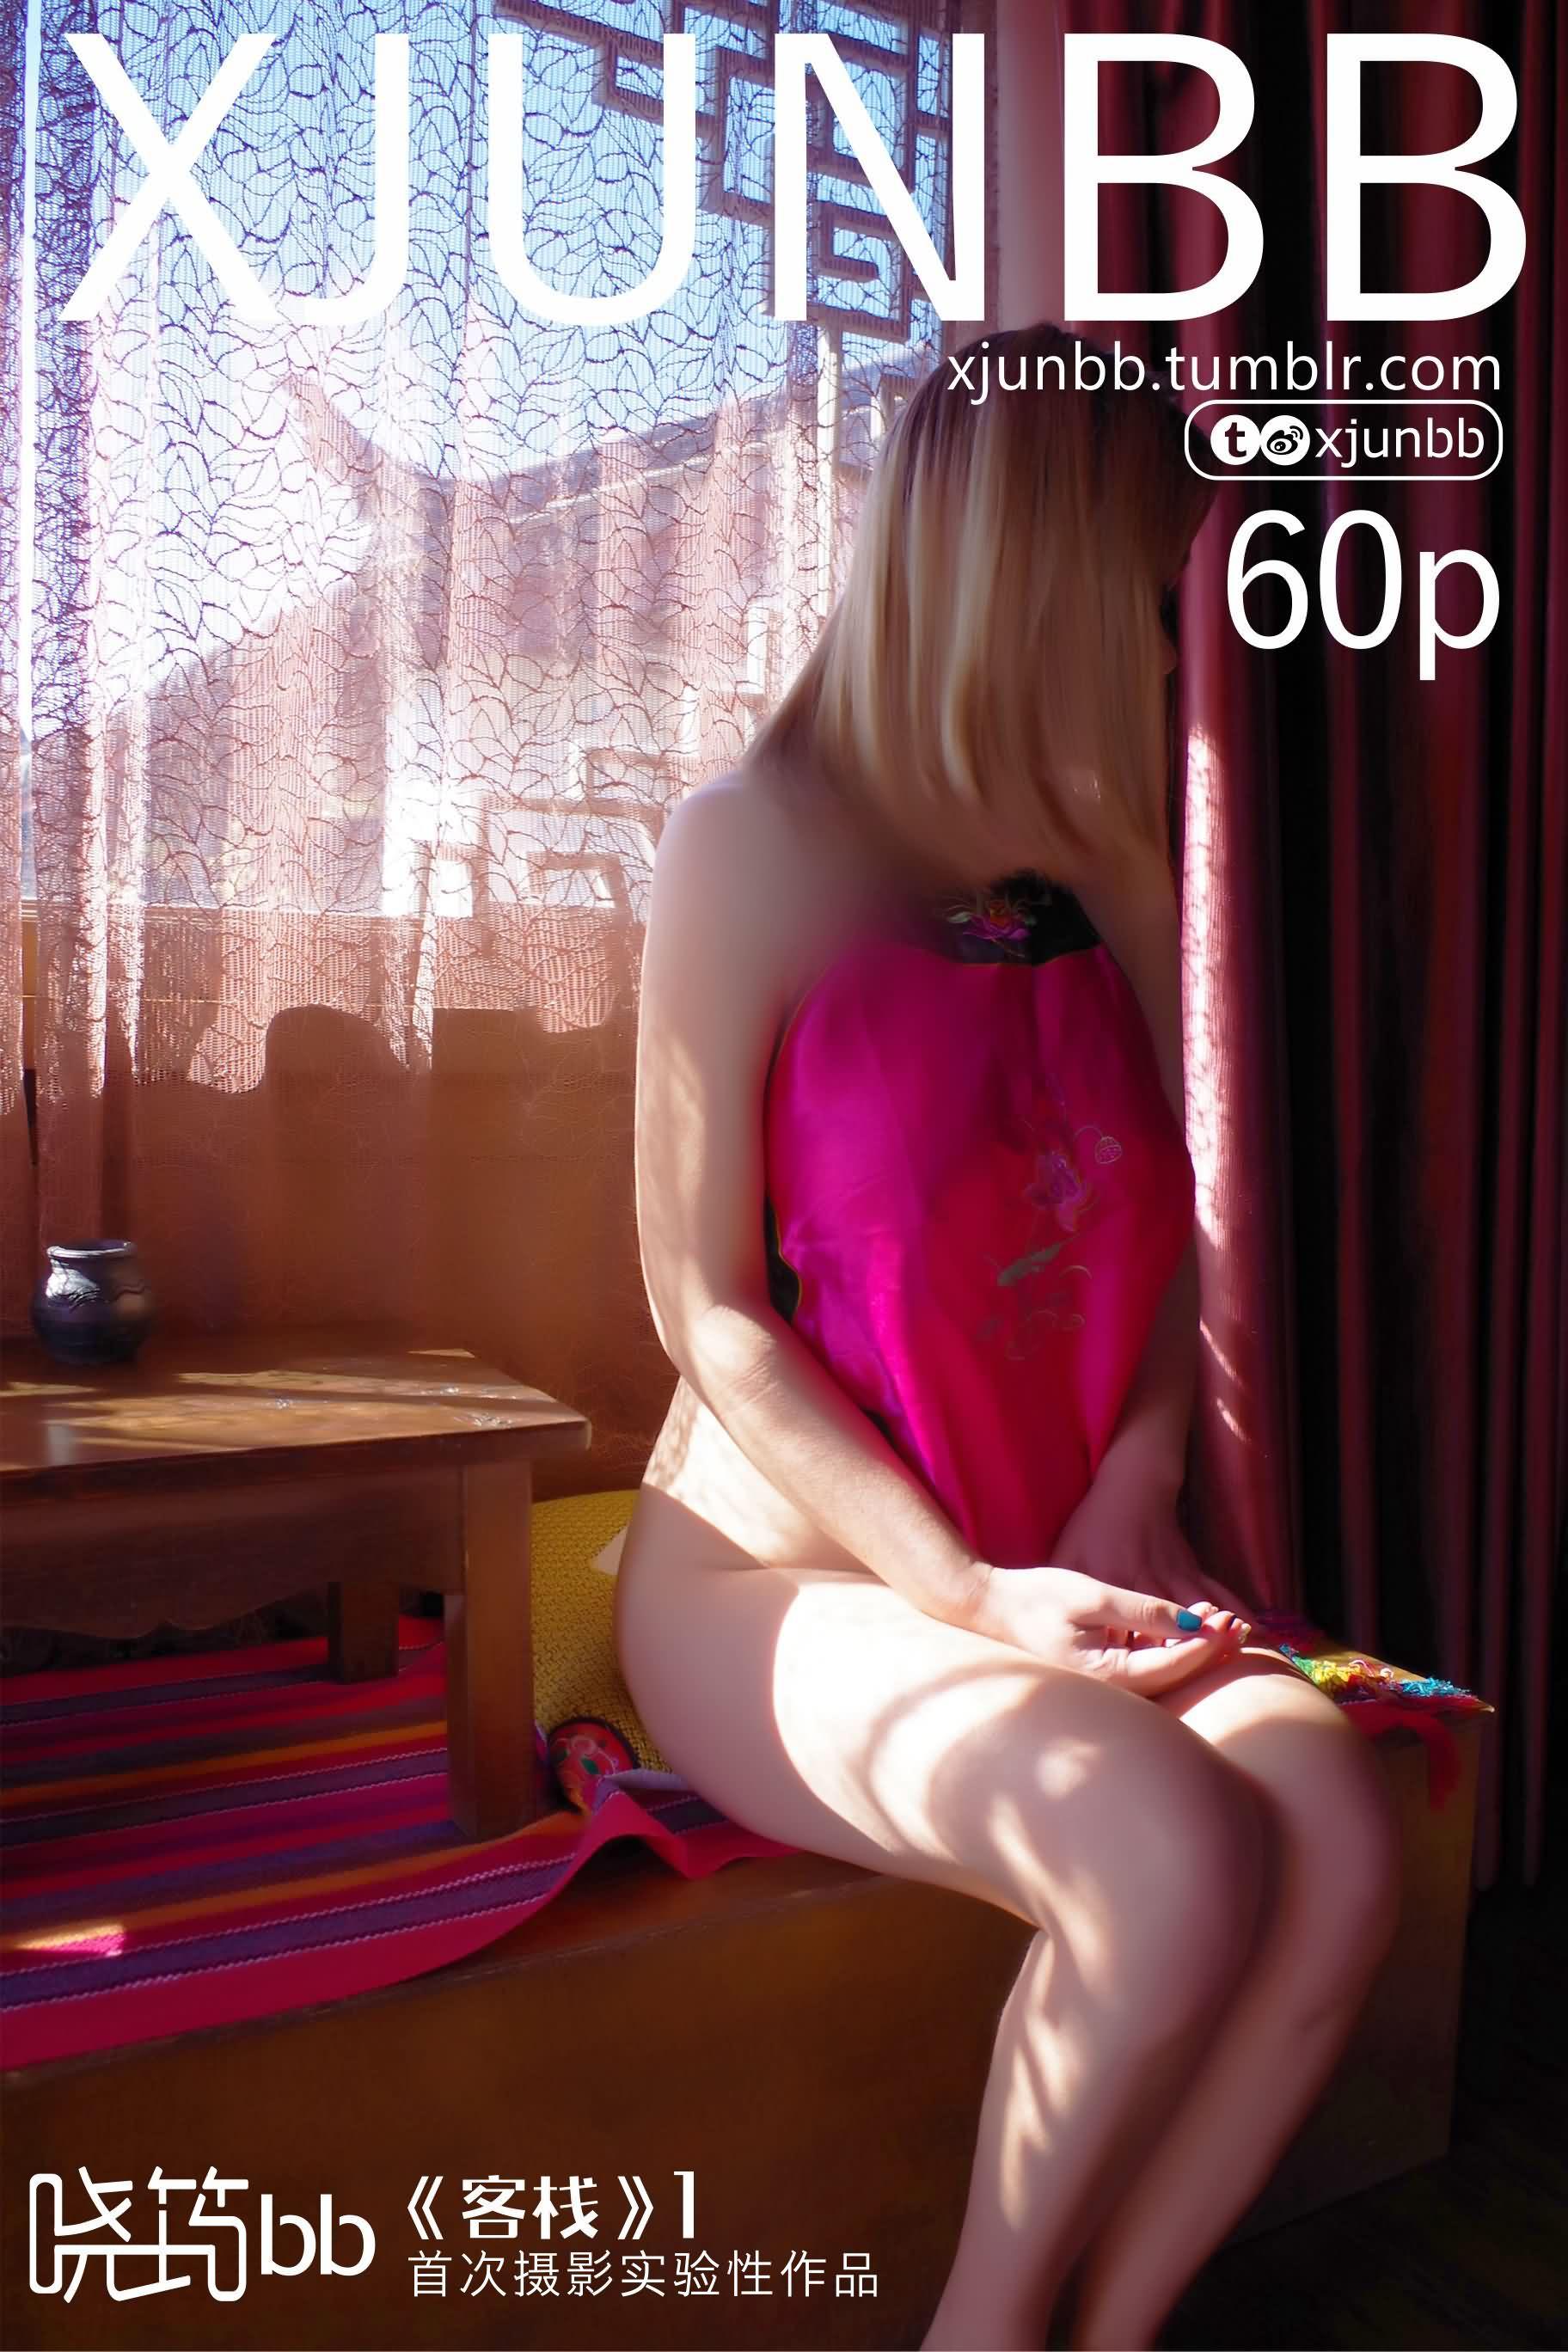 6bd8407bf620180706002294 - Tumblr xjunbb晓筠 人体摄影 3部曲 303P